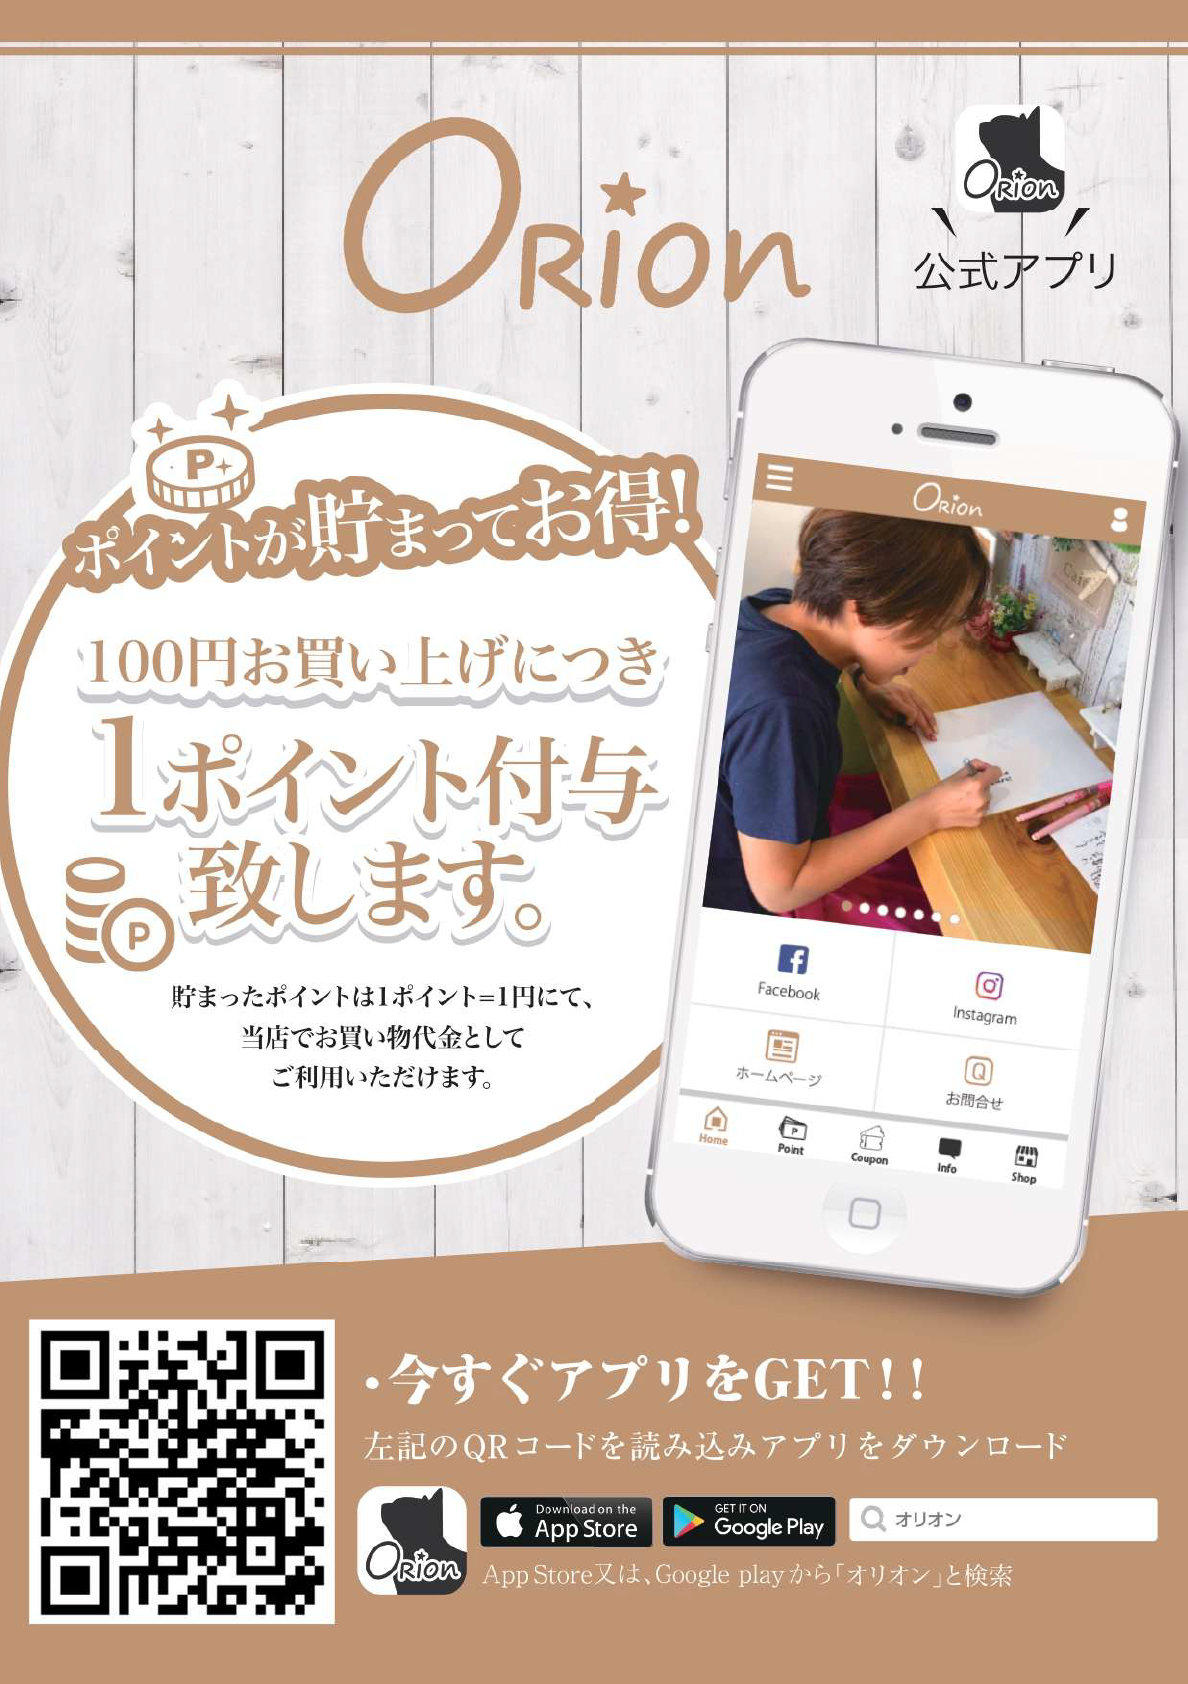 雑貨屋オリオンアプリ